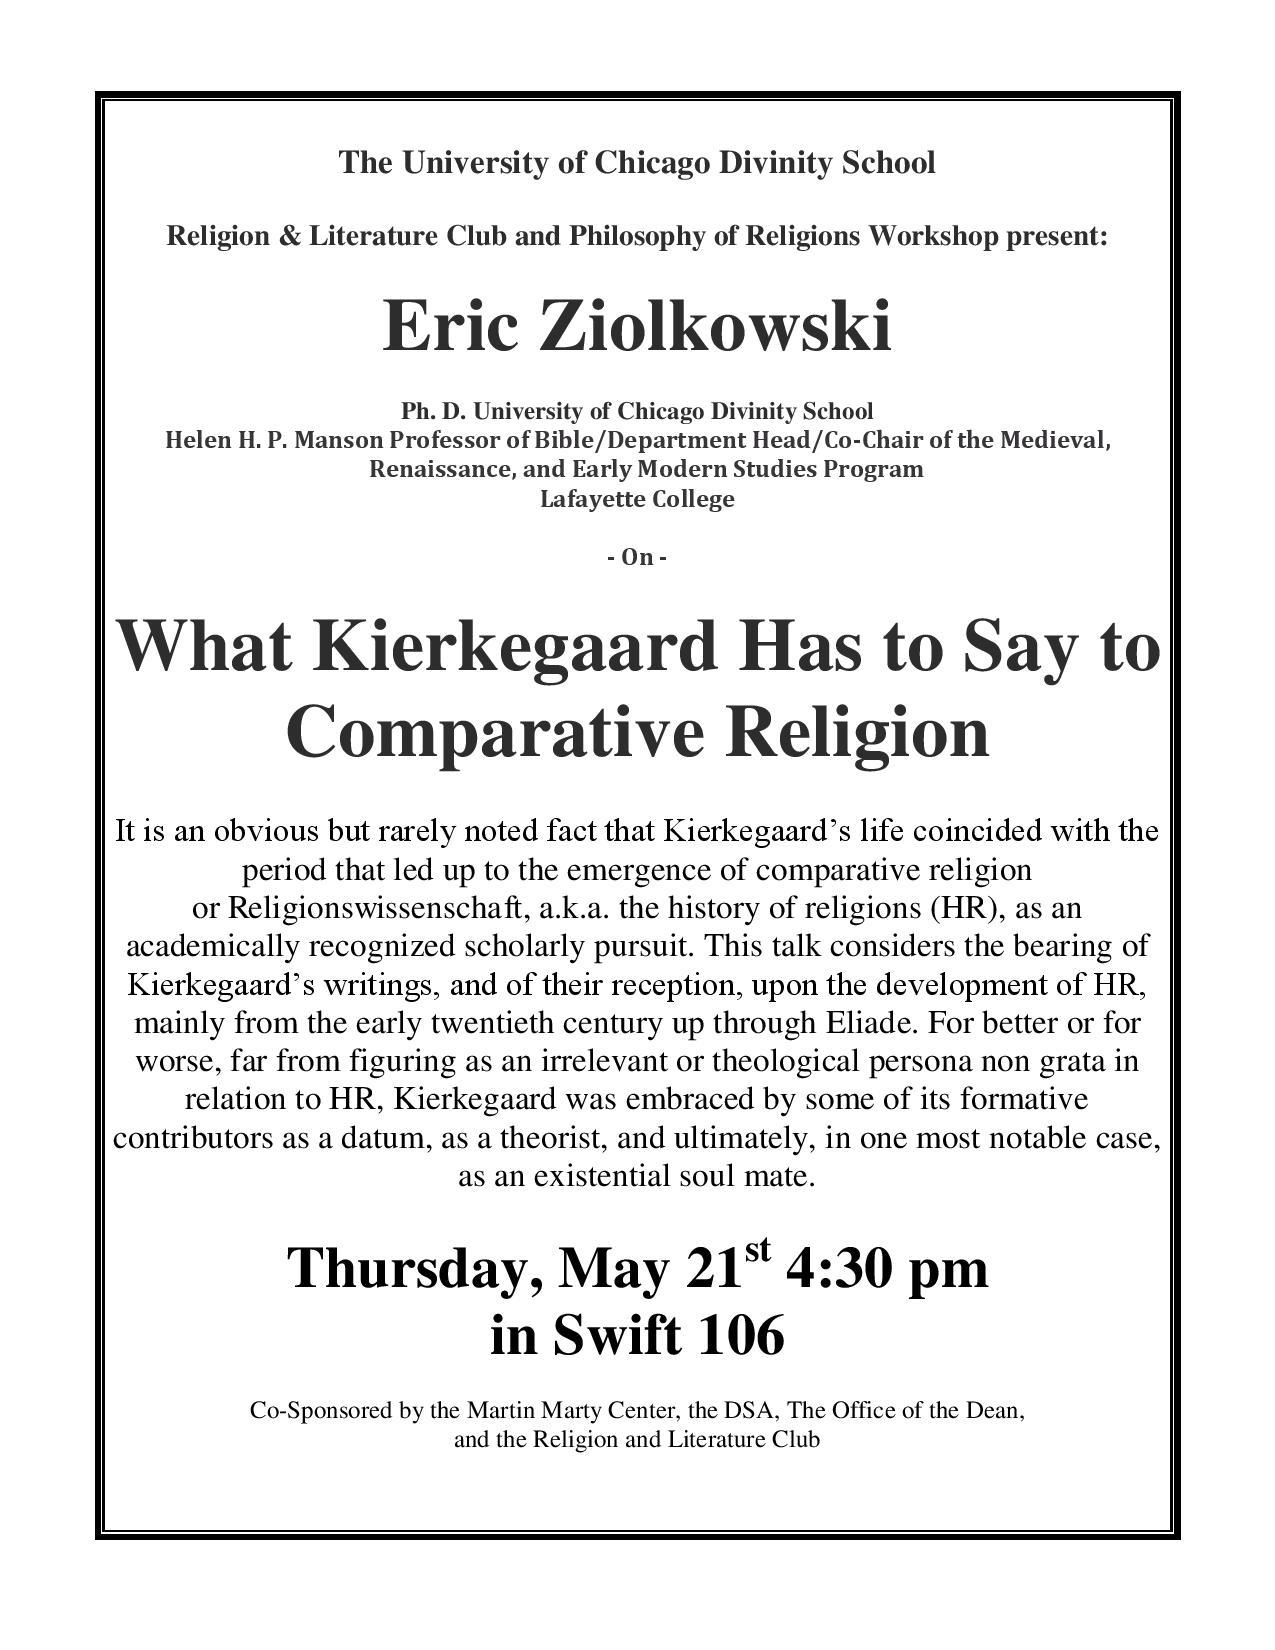 ziolkowski poster-1-page-001